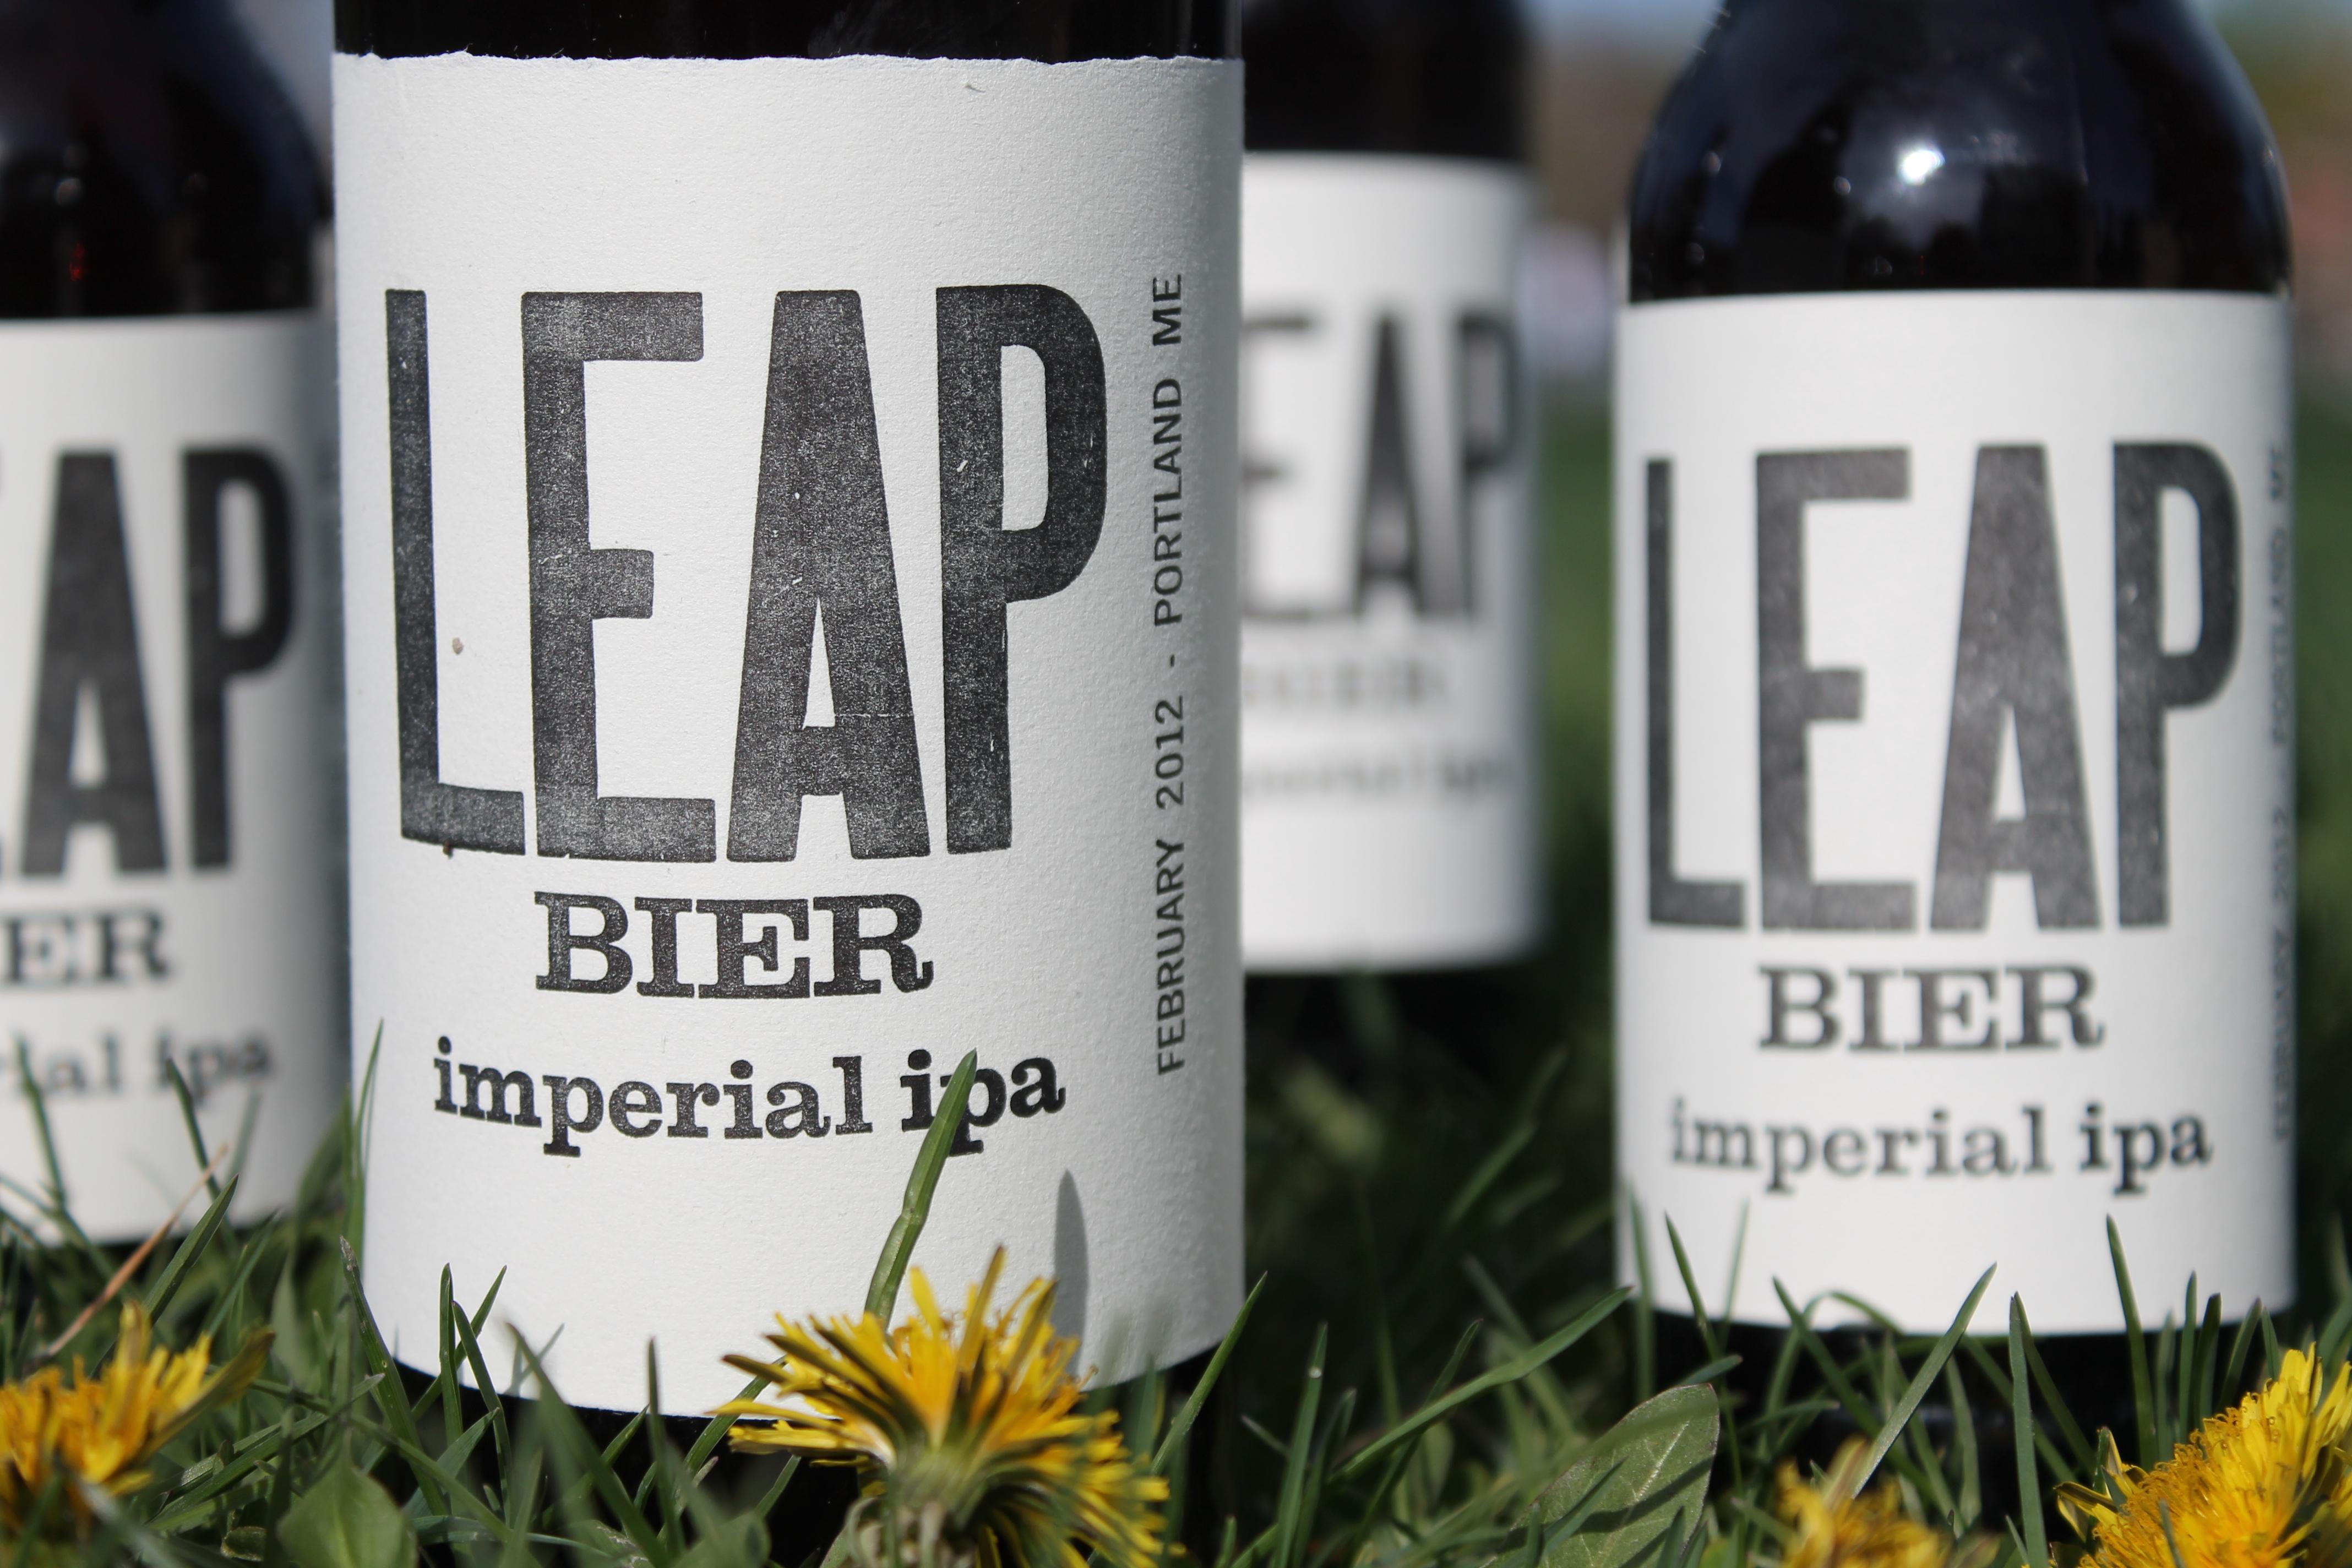 Leap Bier